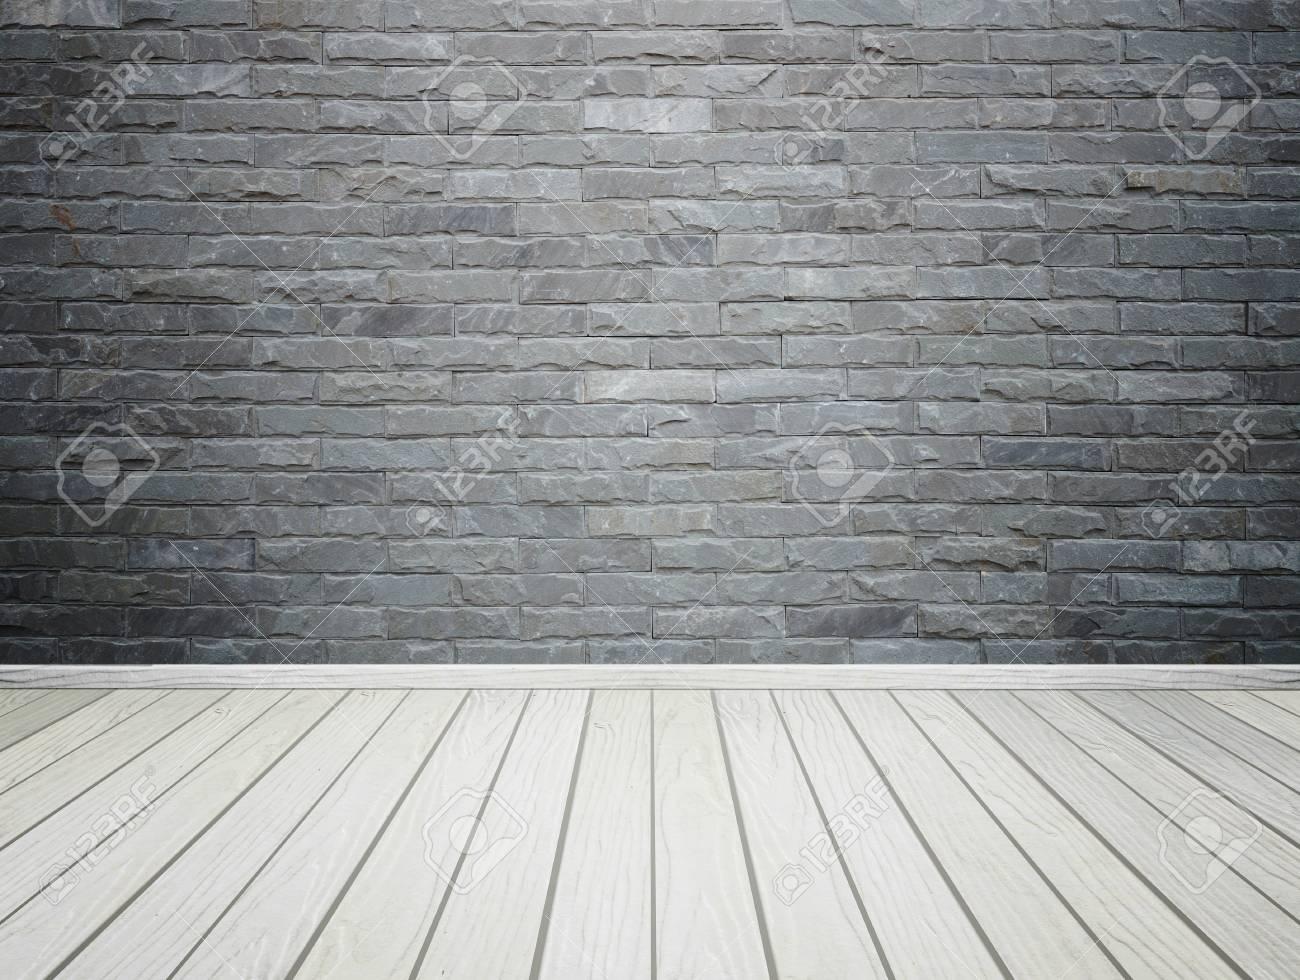 Interno stanza vuota con mattoni in pietra piastrelle a parete e